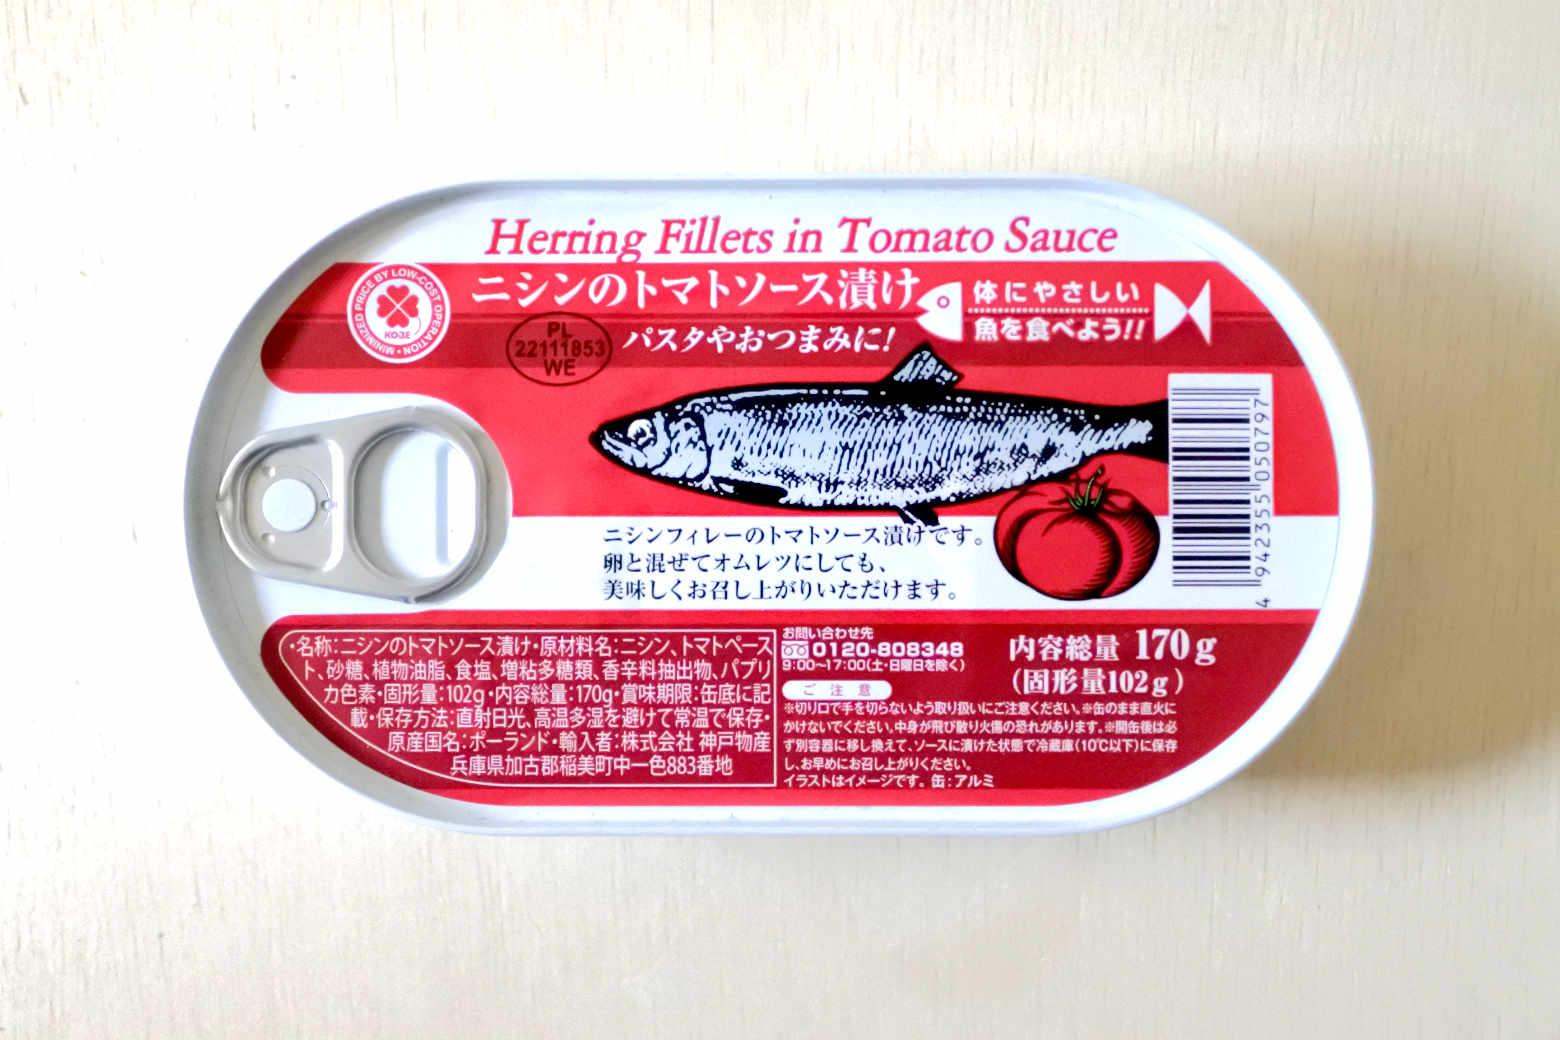 業務スーパー:ニシンのトマトソース漬けで甘い生活を満喫【缶詰】